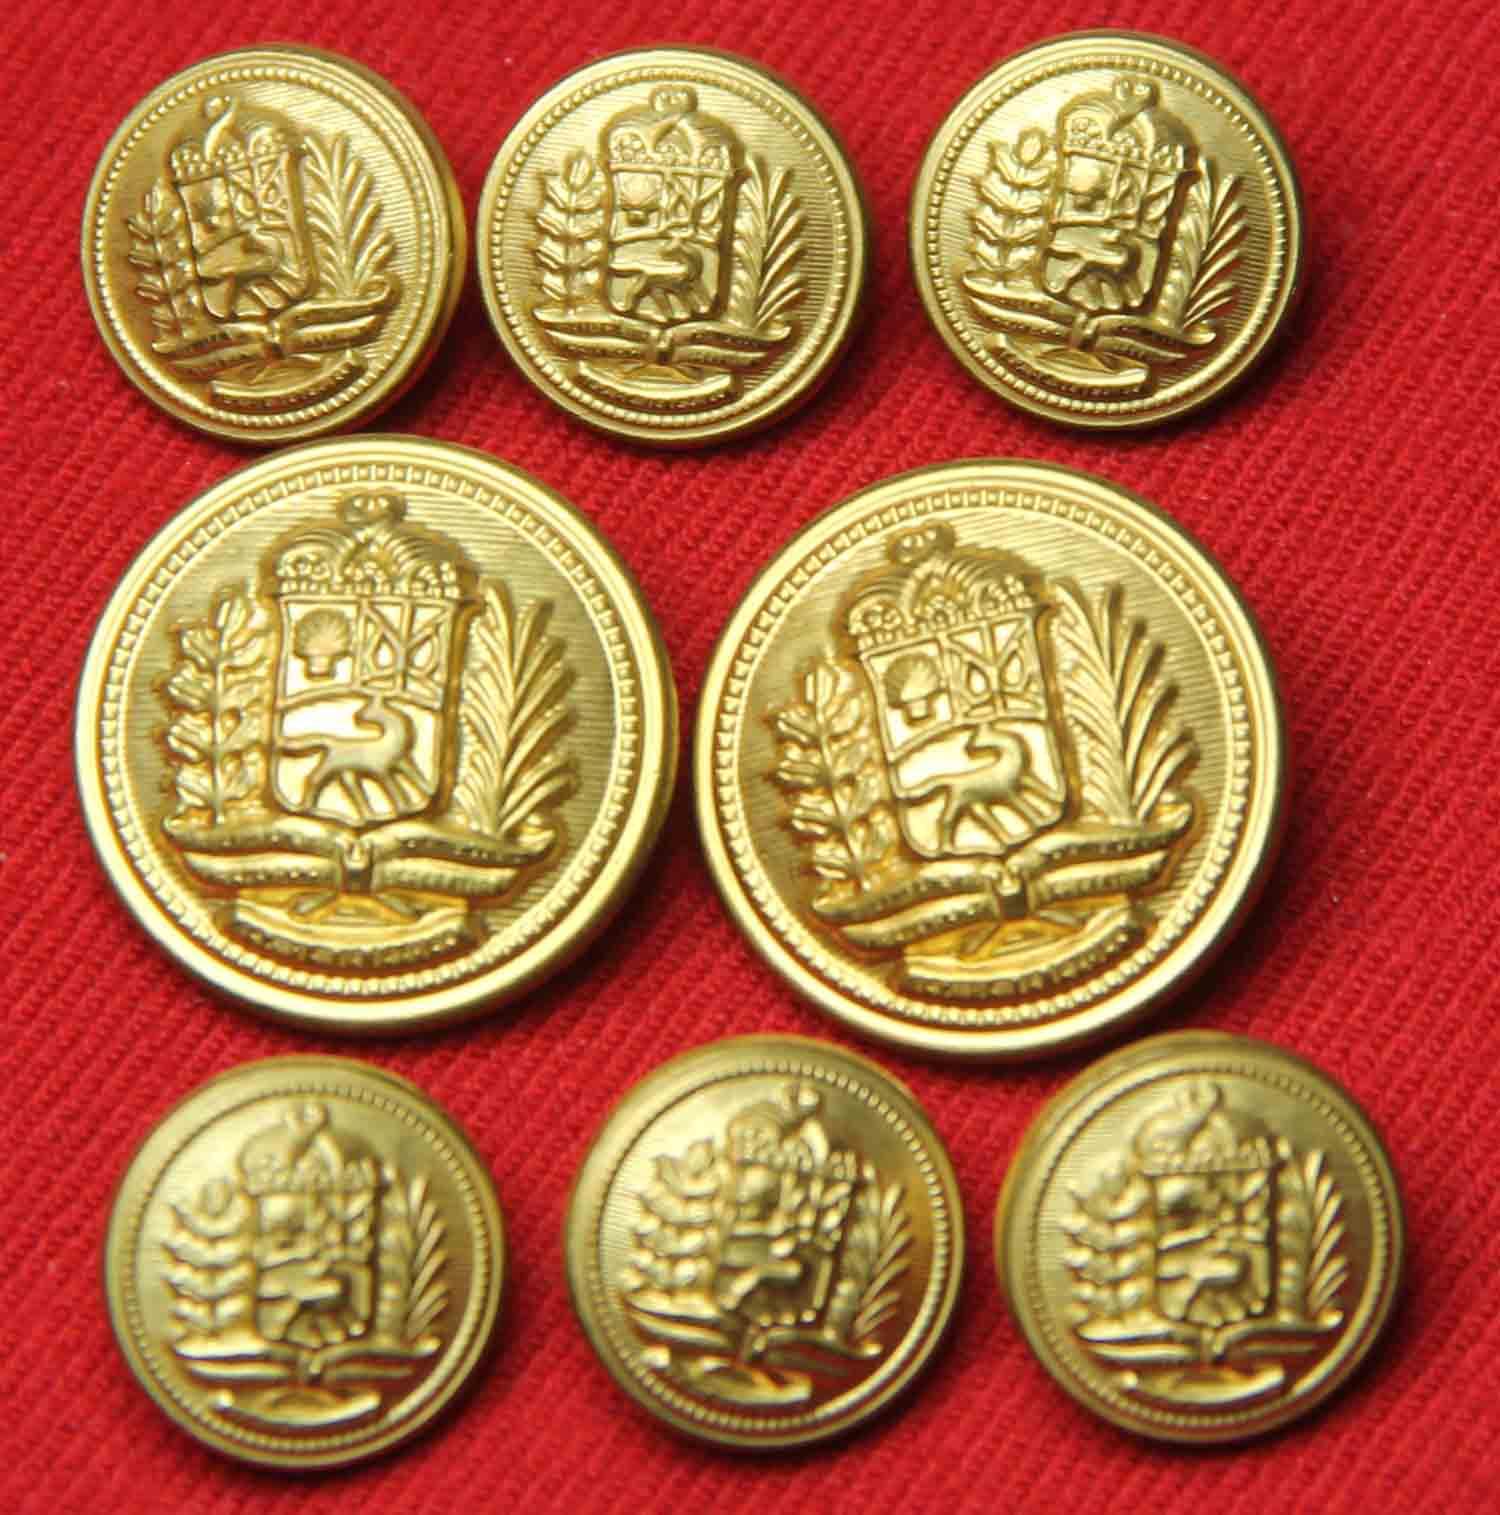 Vintage Excelsior Blazer Buttons Set 1980s Gold Brass Shank Men's